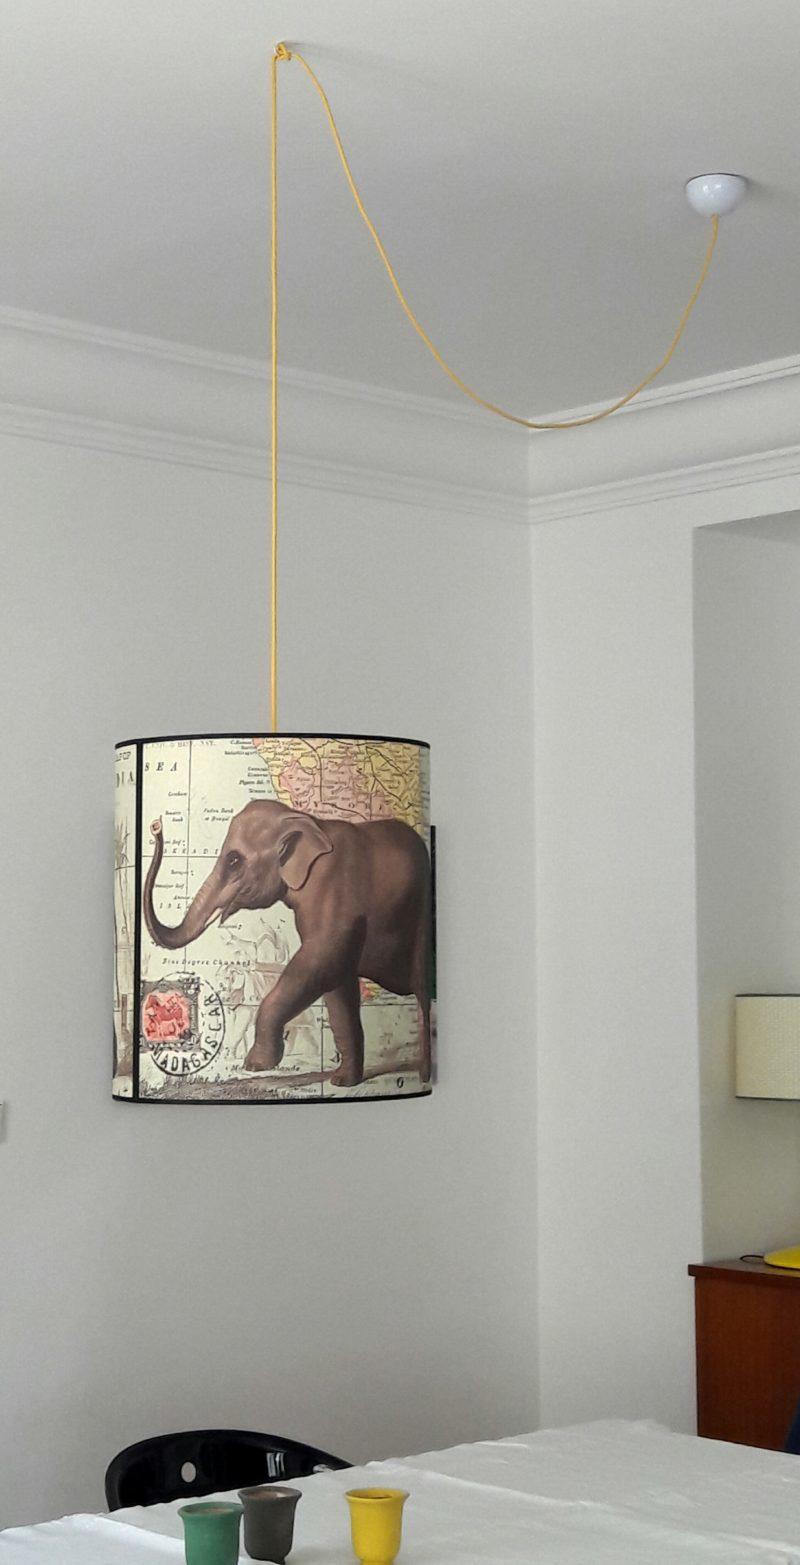 magasin luminaire lyon suspension éléphant